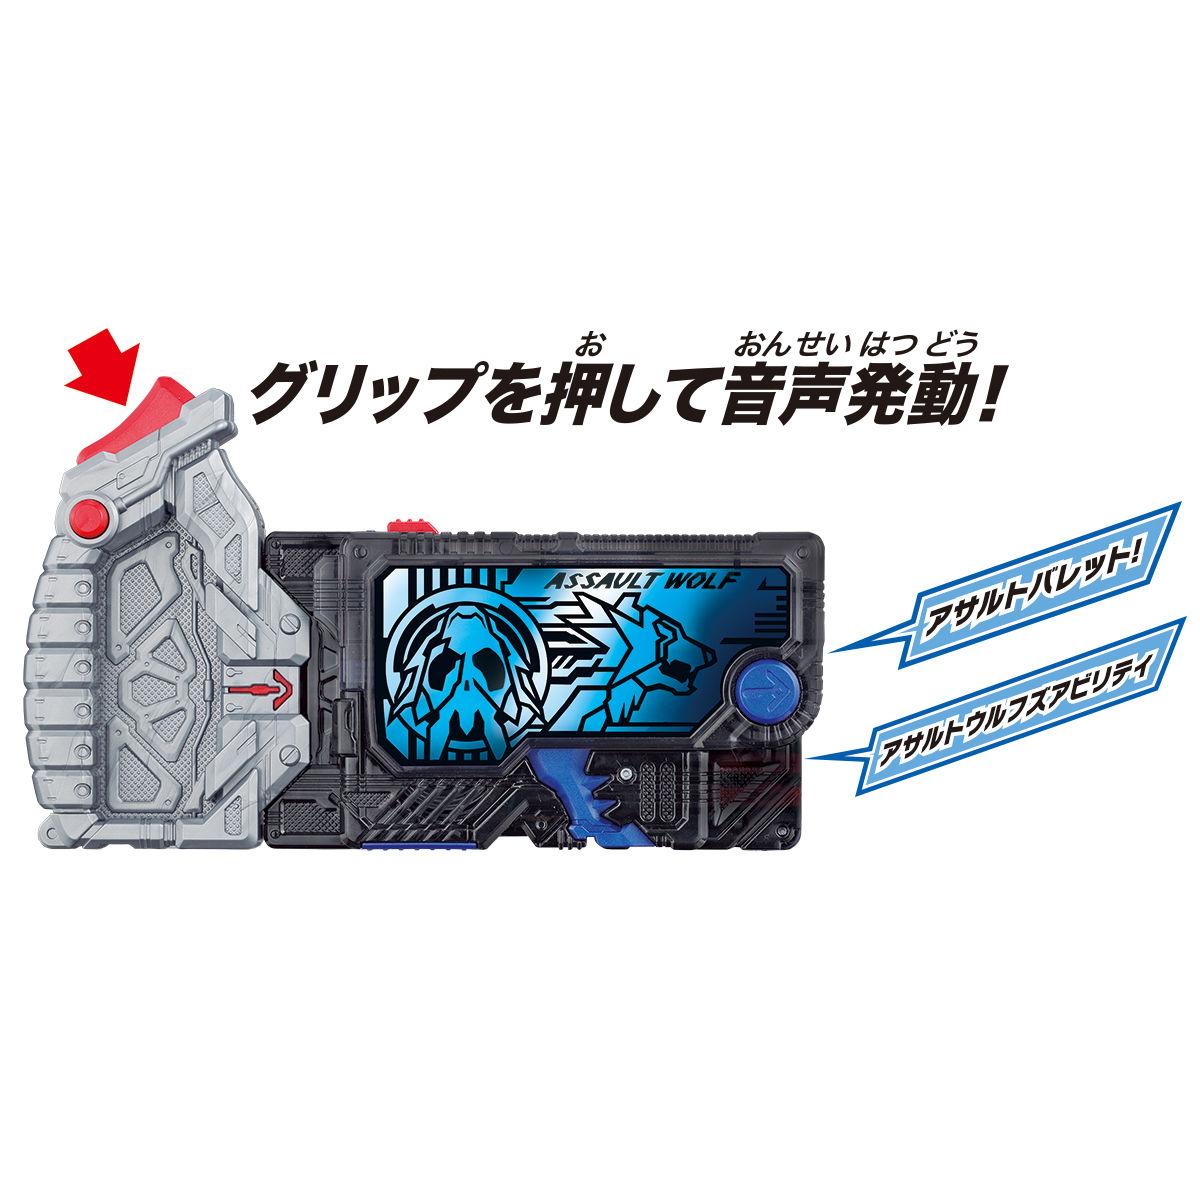 仮面ライダーゼロワン『DXアサルトウルフプログライズキー』変身なりきり-008